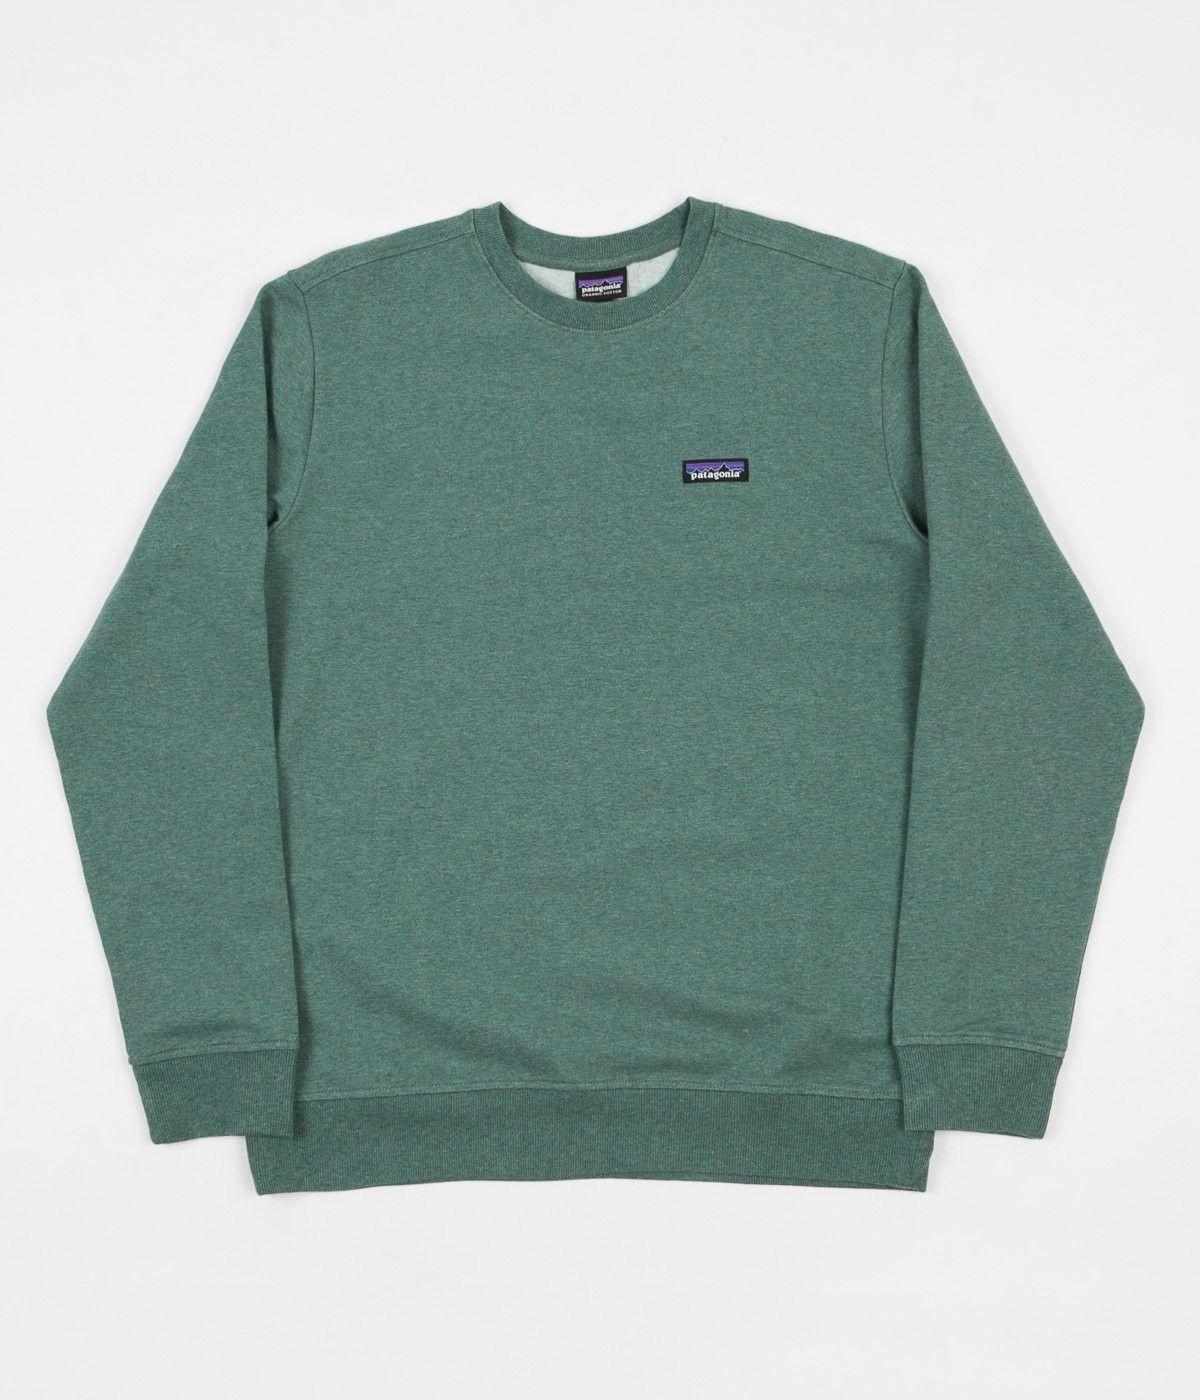 Patagonia P 6 Label Midweight Crewneck Sweatshirt Pesto Sweatshirts Crew Neck Sweatshirt Patagonia Sweatshirt [ 1400 x 1200 Pixel ]